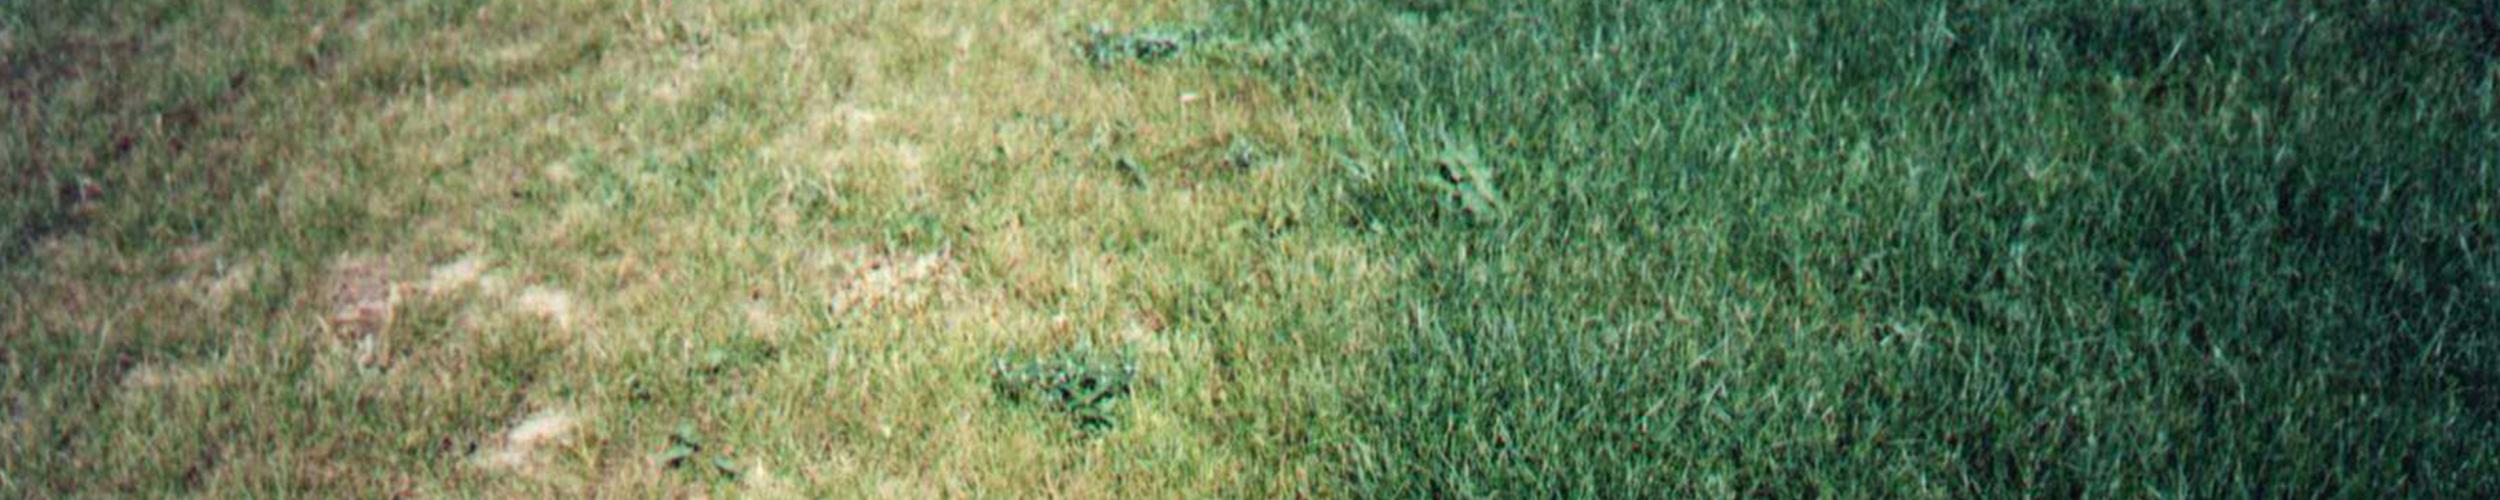 Pokus na trávníku ve Gbelech